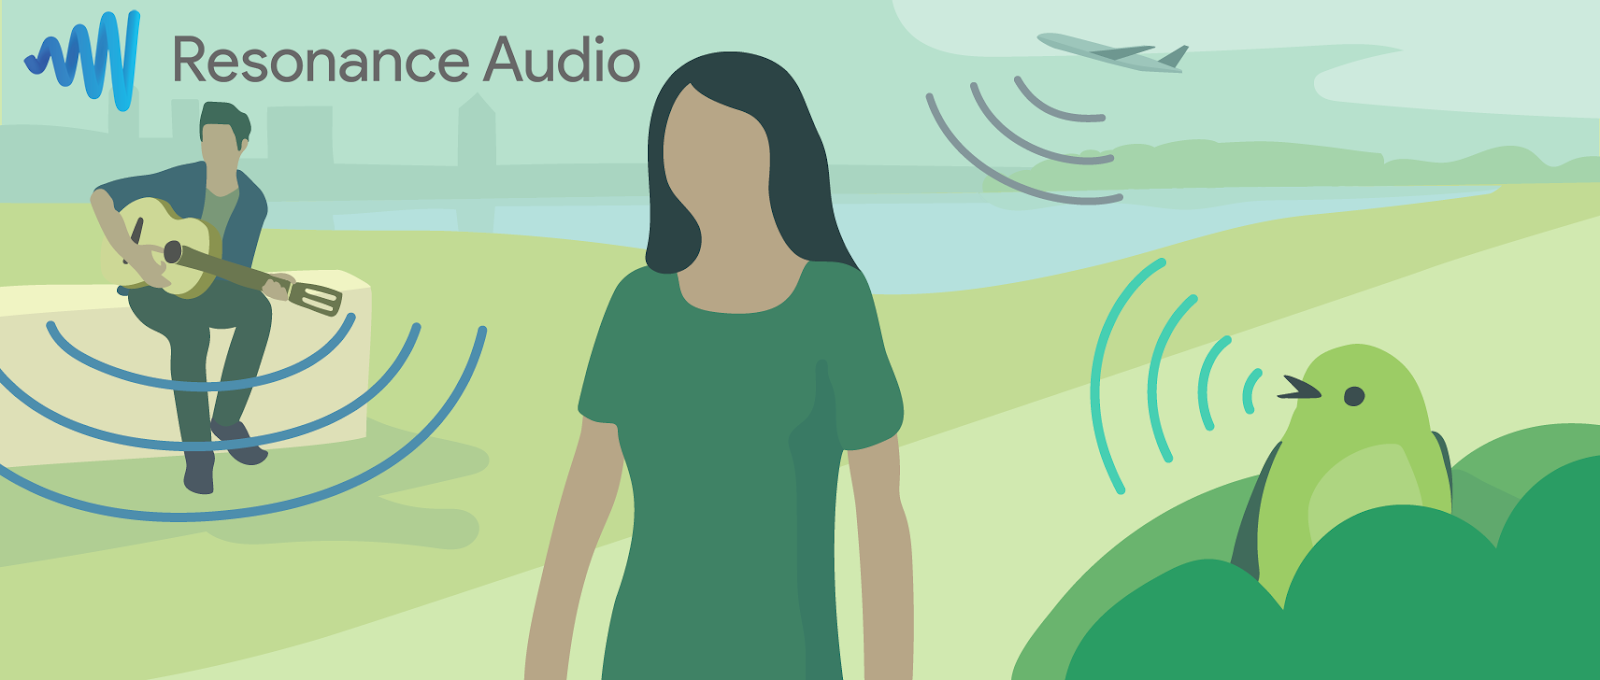 Open sourcing Resonance Audio | Google Open Source Blog